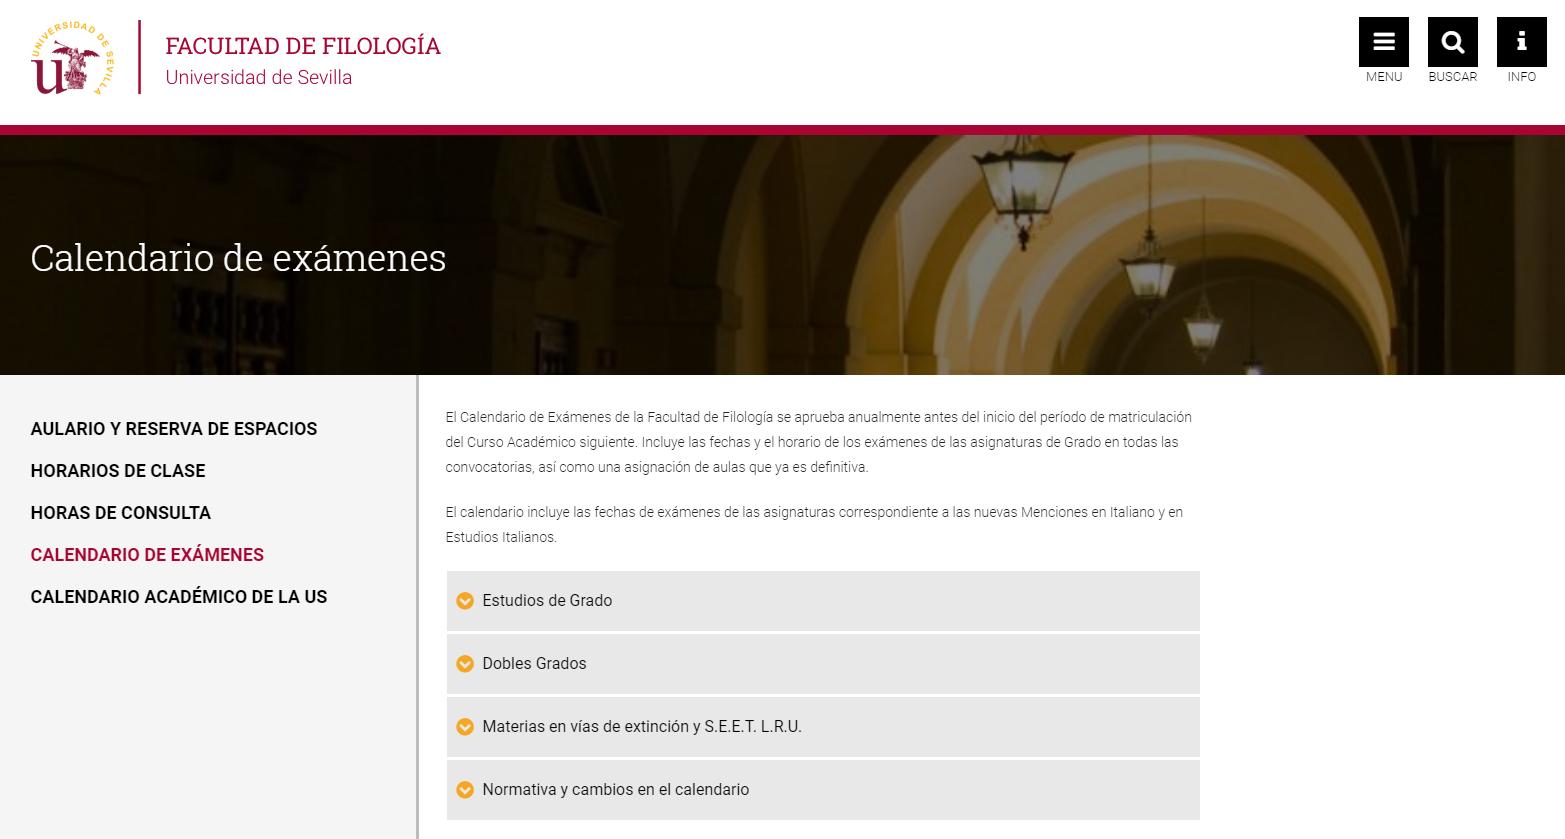 Calendario Academico Us.Calendario De Examenes 2018 2019 Facultad De Filologia De La